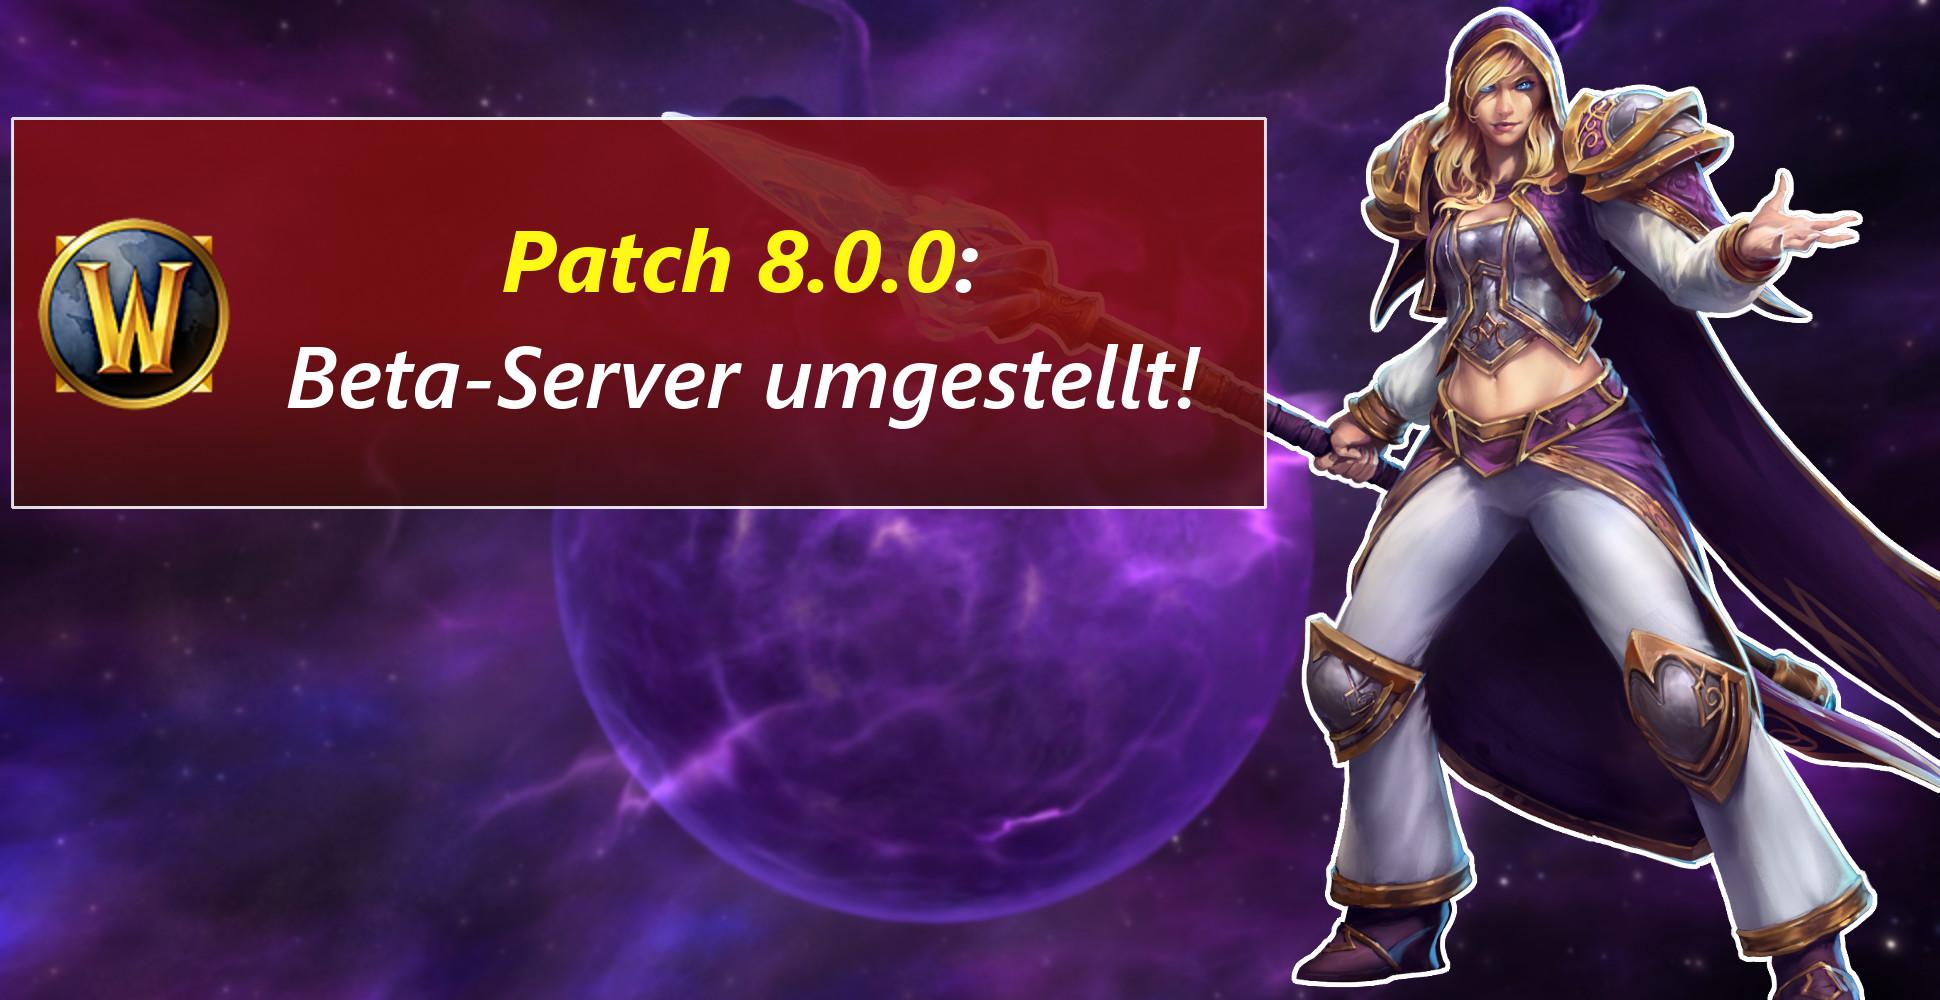 WoW: Beta-Server erhalten Patch 8.0.0 – nächstes Addon so früh?